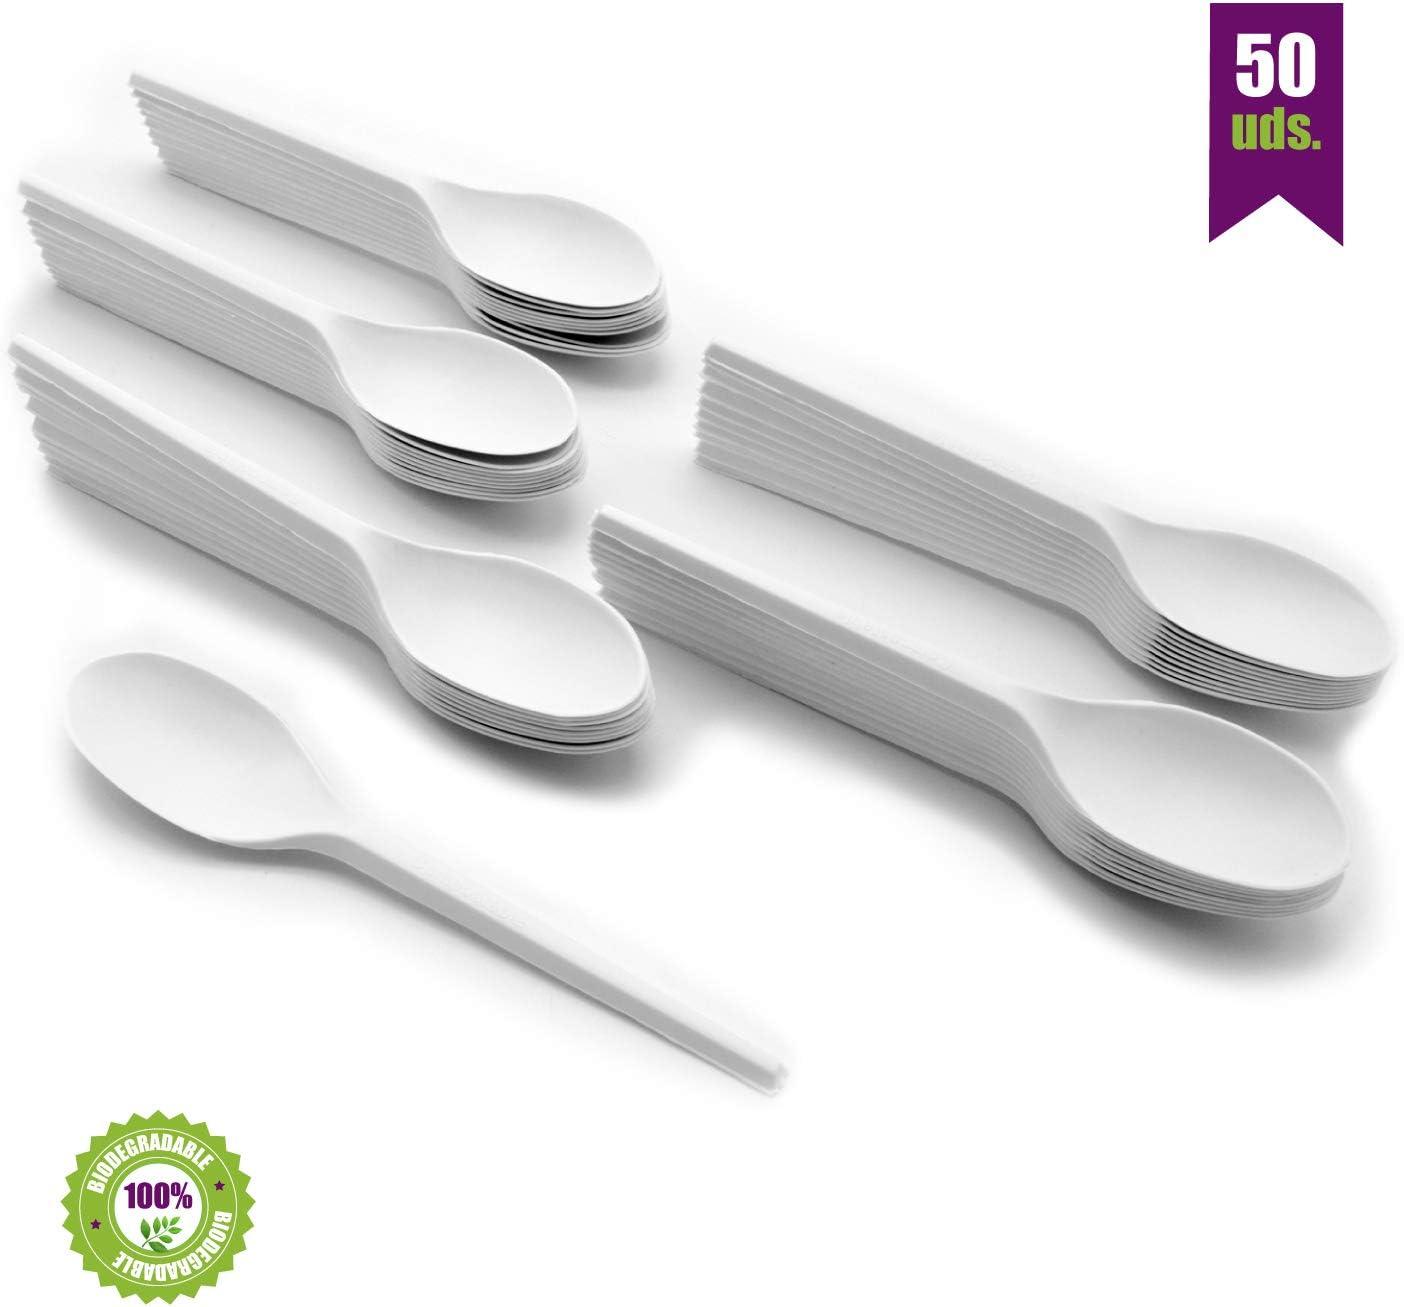 GoBeTree Cucharas Desechables biodegradables de plástico. Cubiertos Desechables compostables. Cucharas de Bio-plástico CPLA Blanco Resistentes al Calor. 50 cucharas Blancas de 16.5 cm.